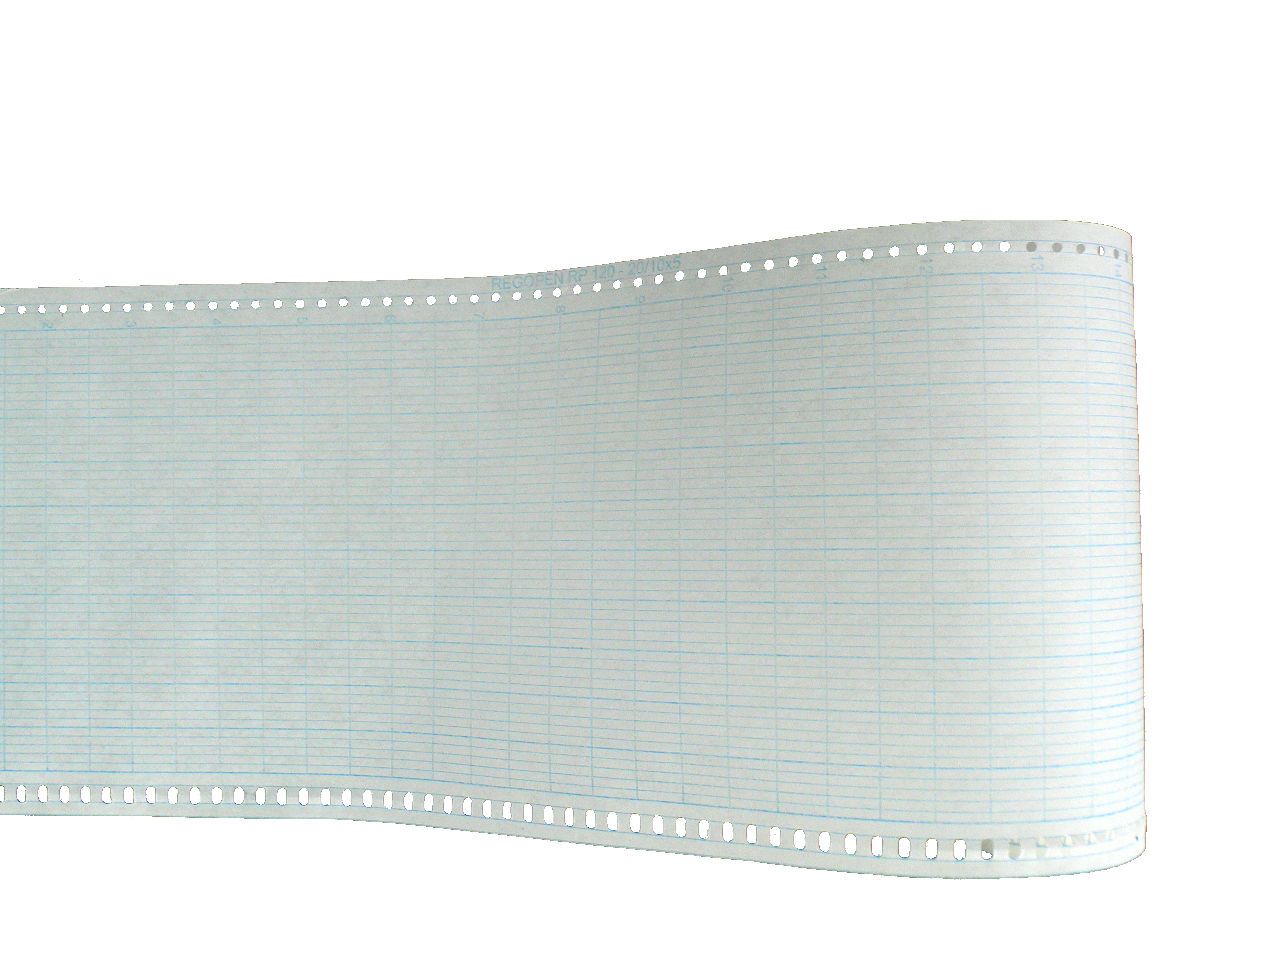 Бумага термограммная  марки REGOPEN (53,590 руб/кв.м)